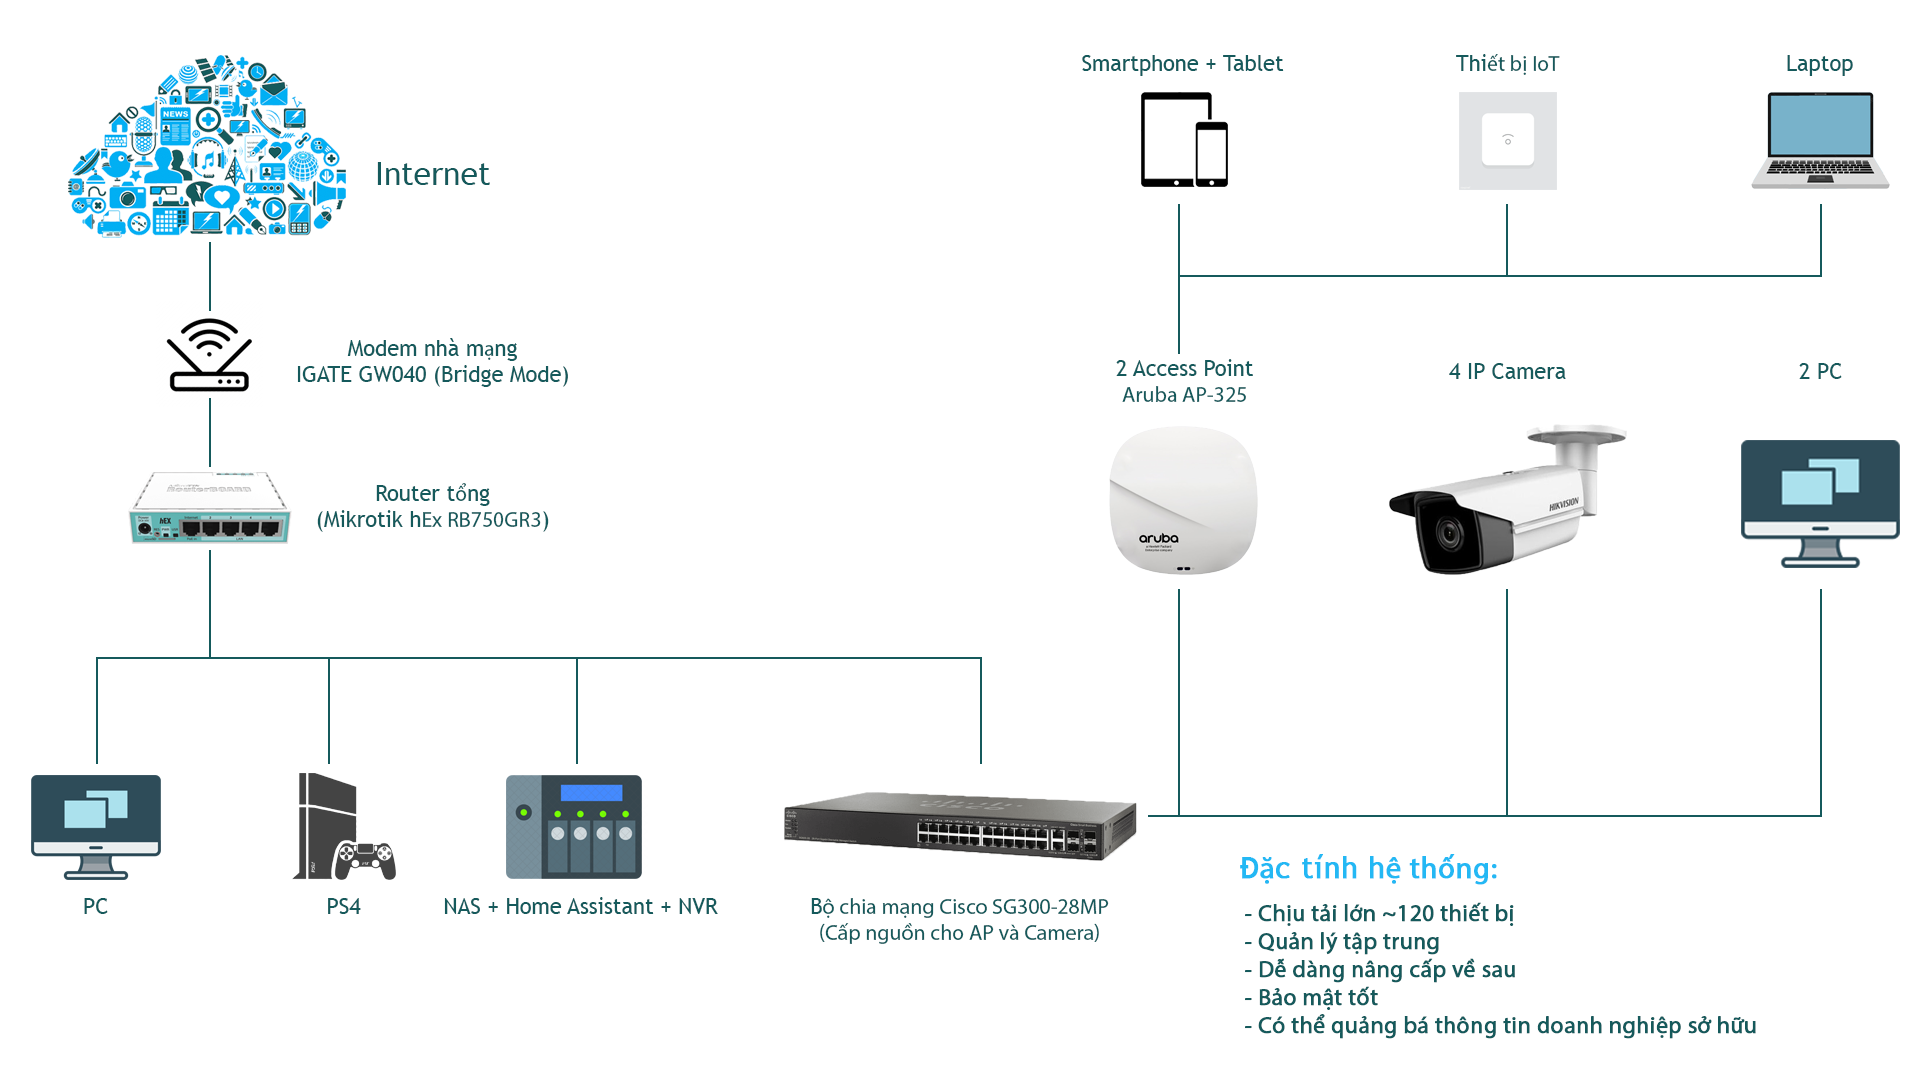 [Chia sẻ] Thiết lập hệ thống mạng cho gia đình theo hướng chuyên nghiệp với Mikrotik và Aruba.